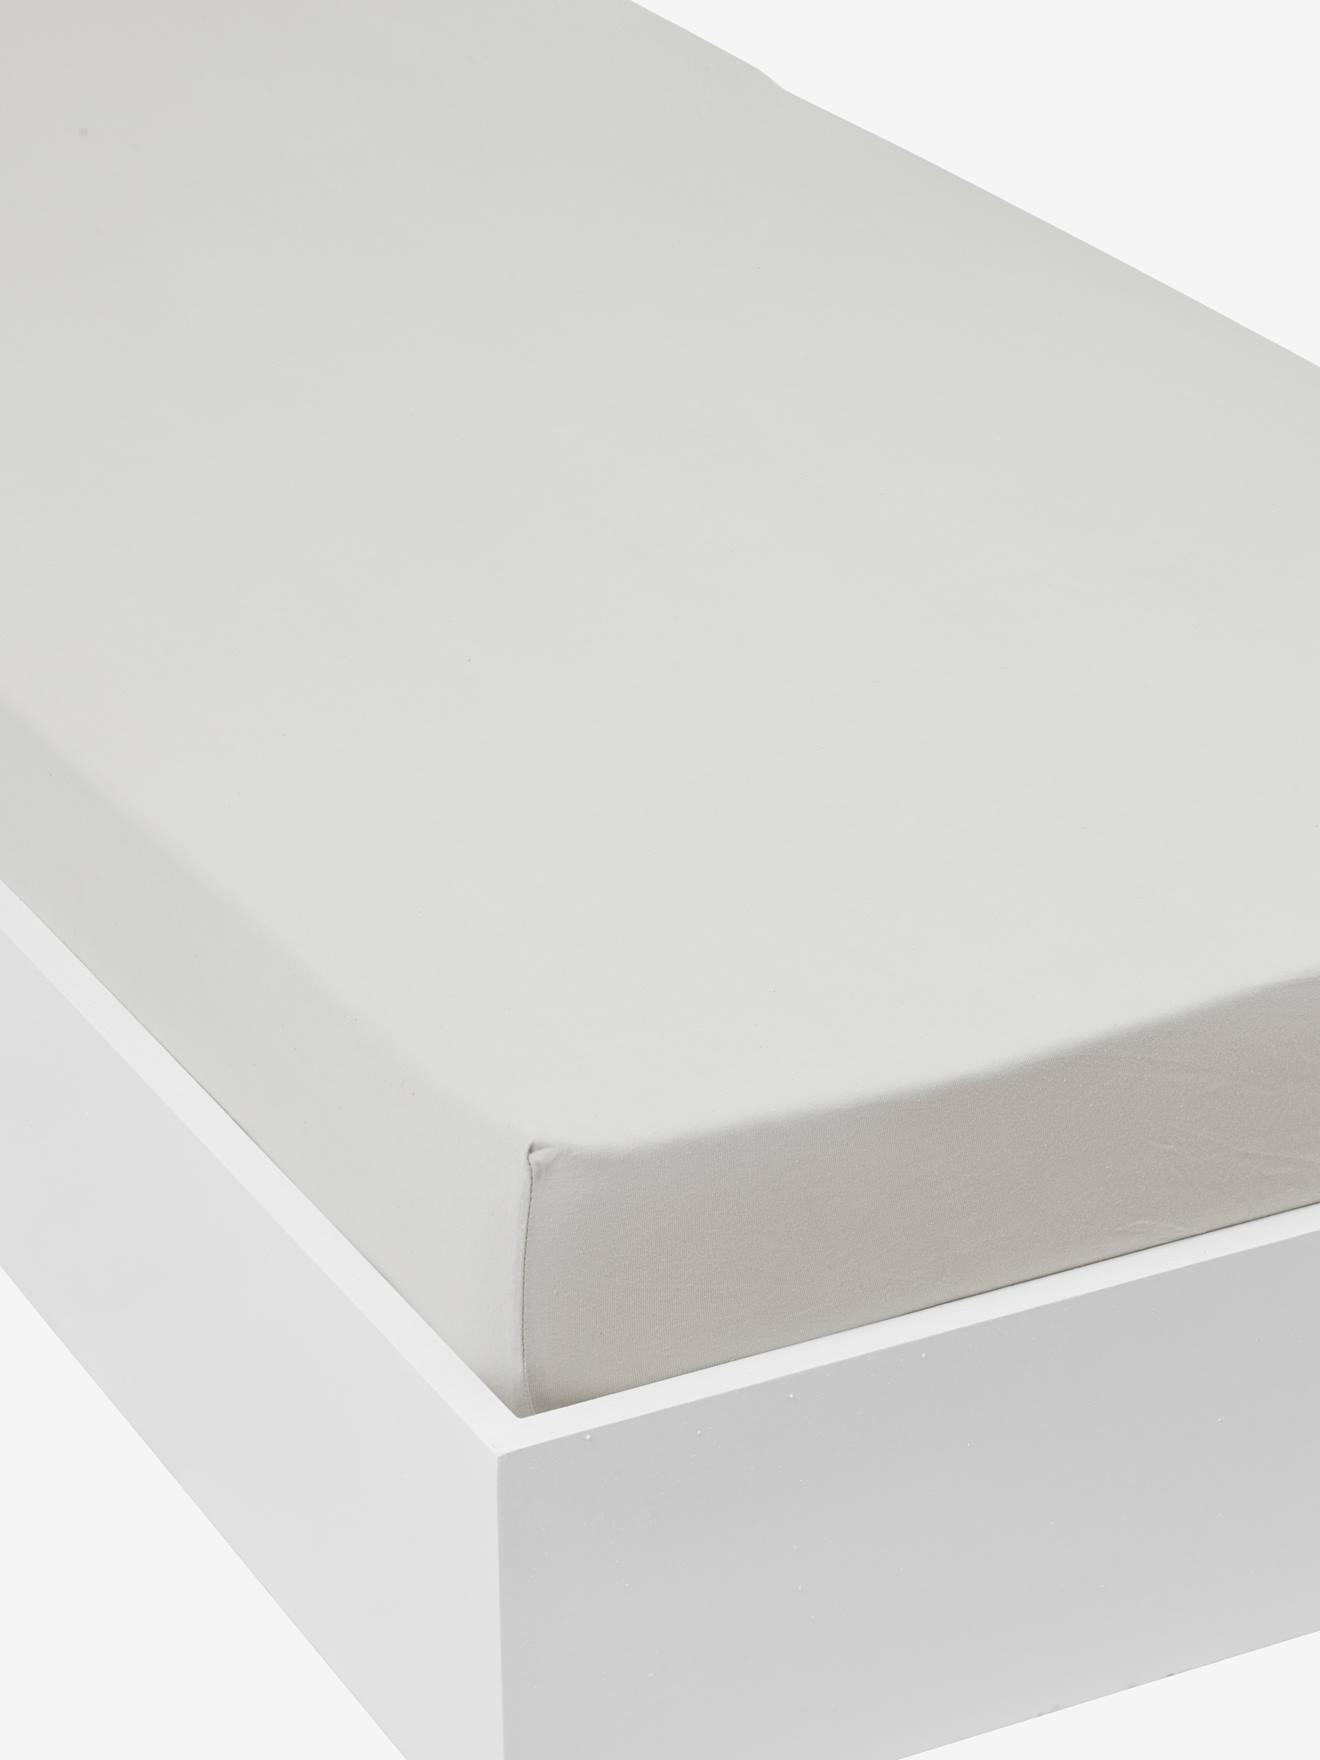 VERTBAUDET Jersey-Spannbettlaken für Kinderbetten grau Gr. 90x140